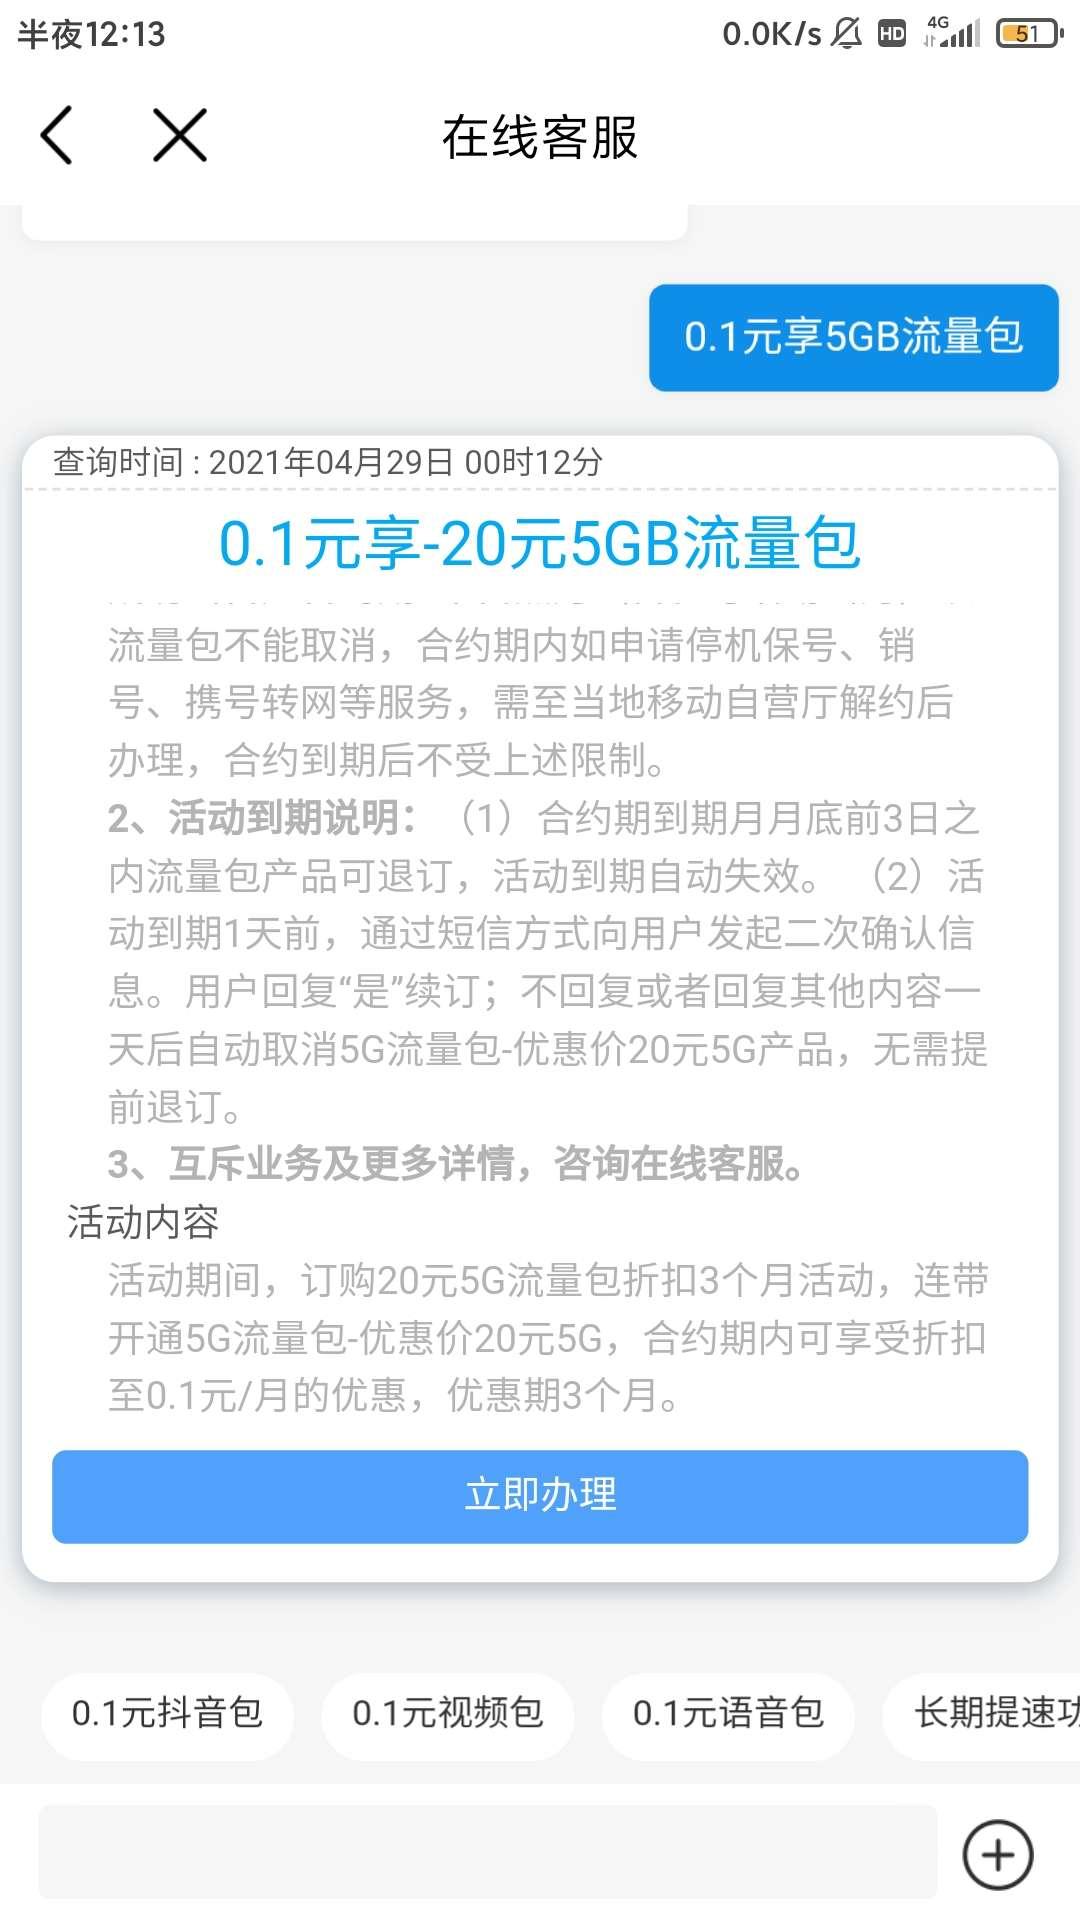 中国移动0.1元购5G流量,流量是5G4G3G2G通用流量。